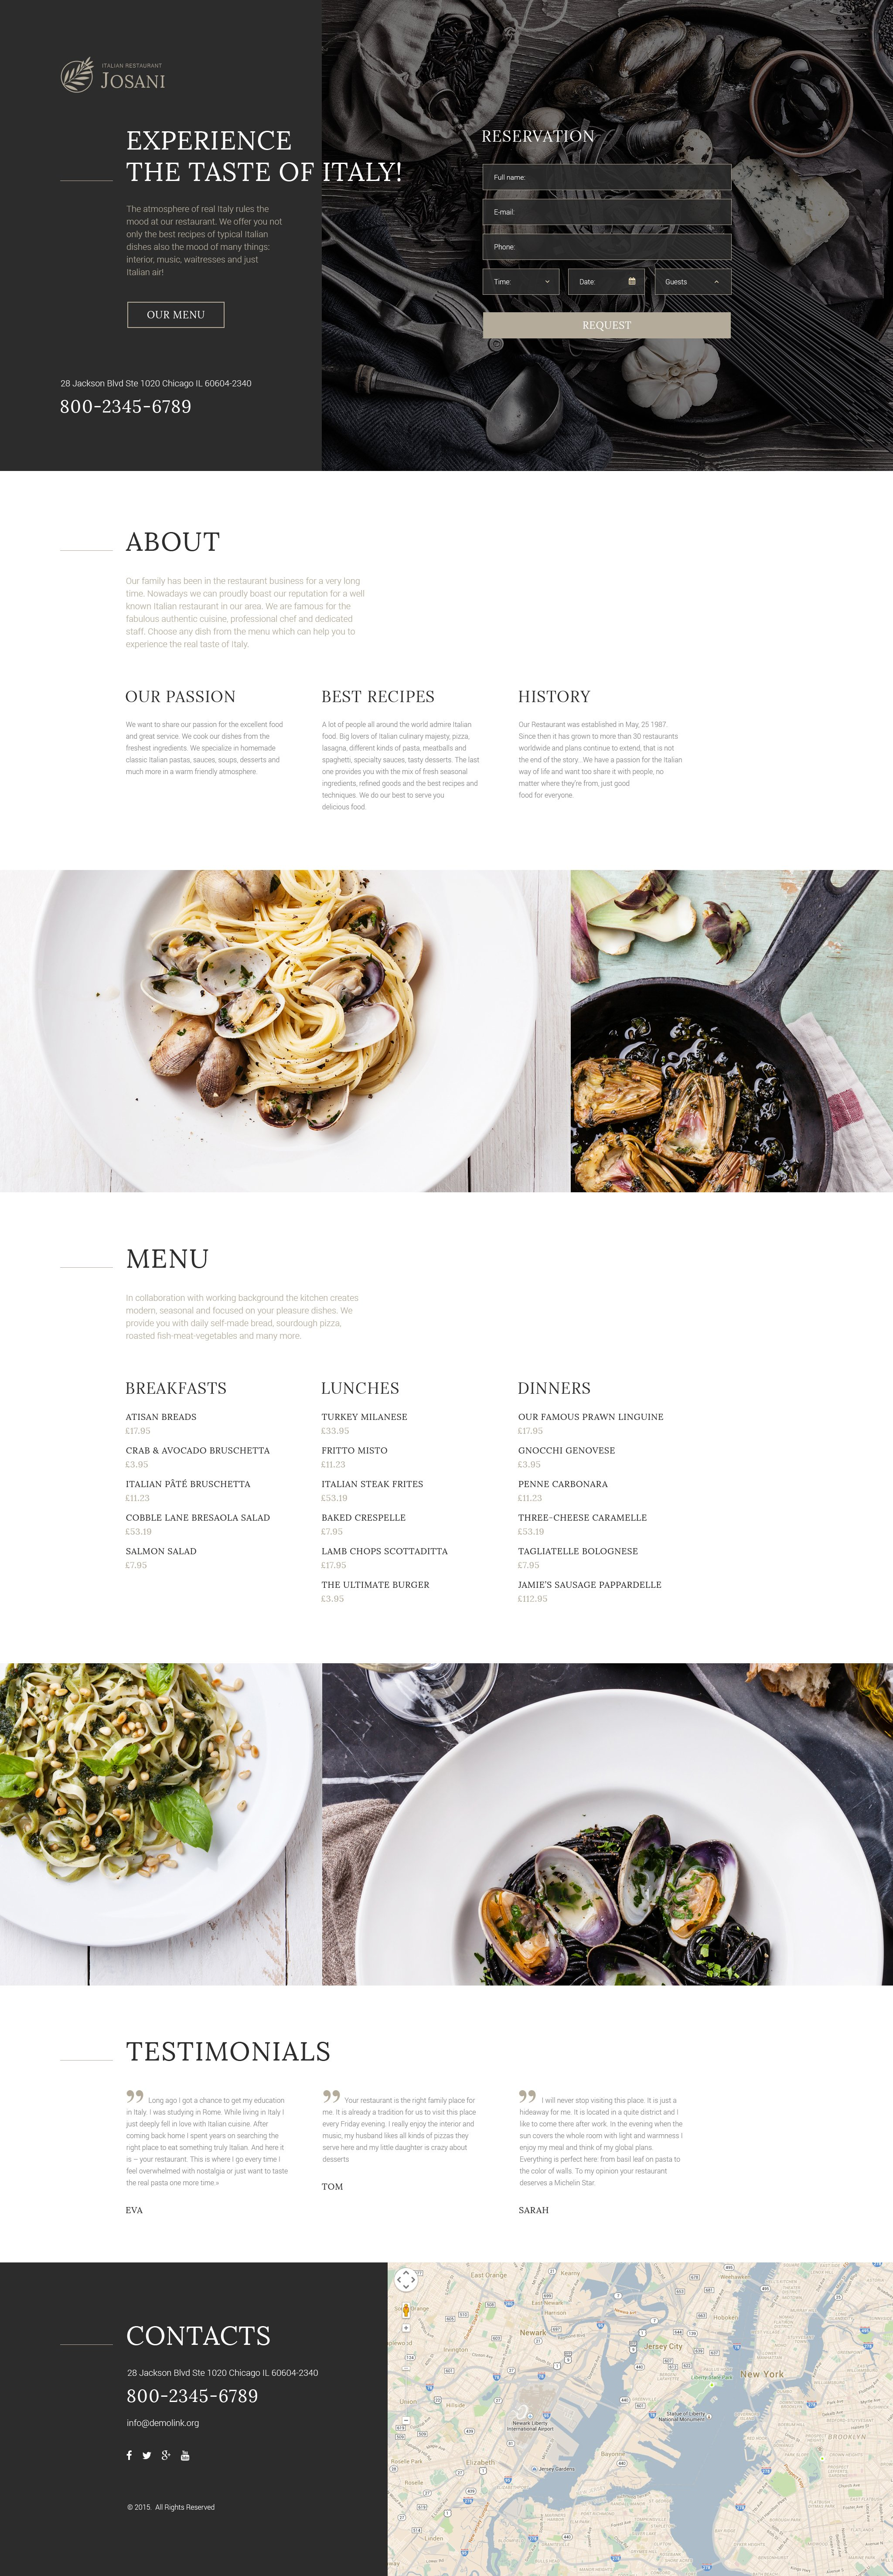 Responsives Landing Page Template für Italienisches Restaurant #57854 - Screenshot